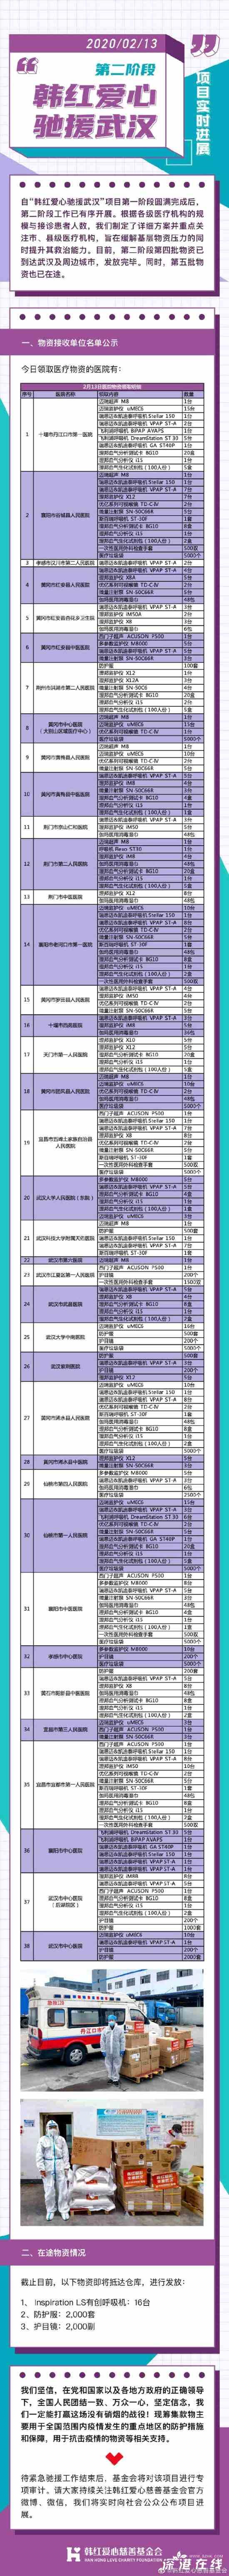 韩红基金会援鄂最新进展:物资已运抵湖北省内各医院